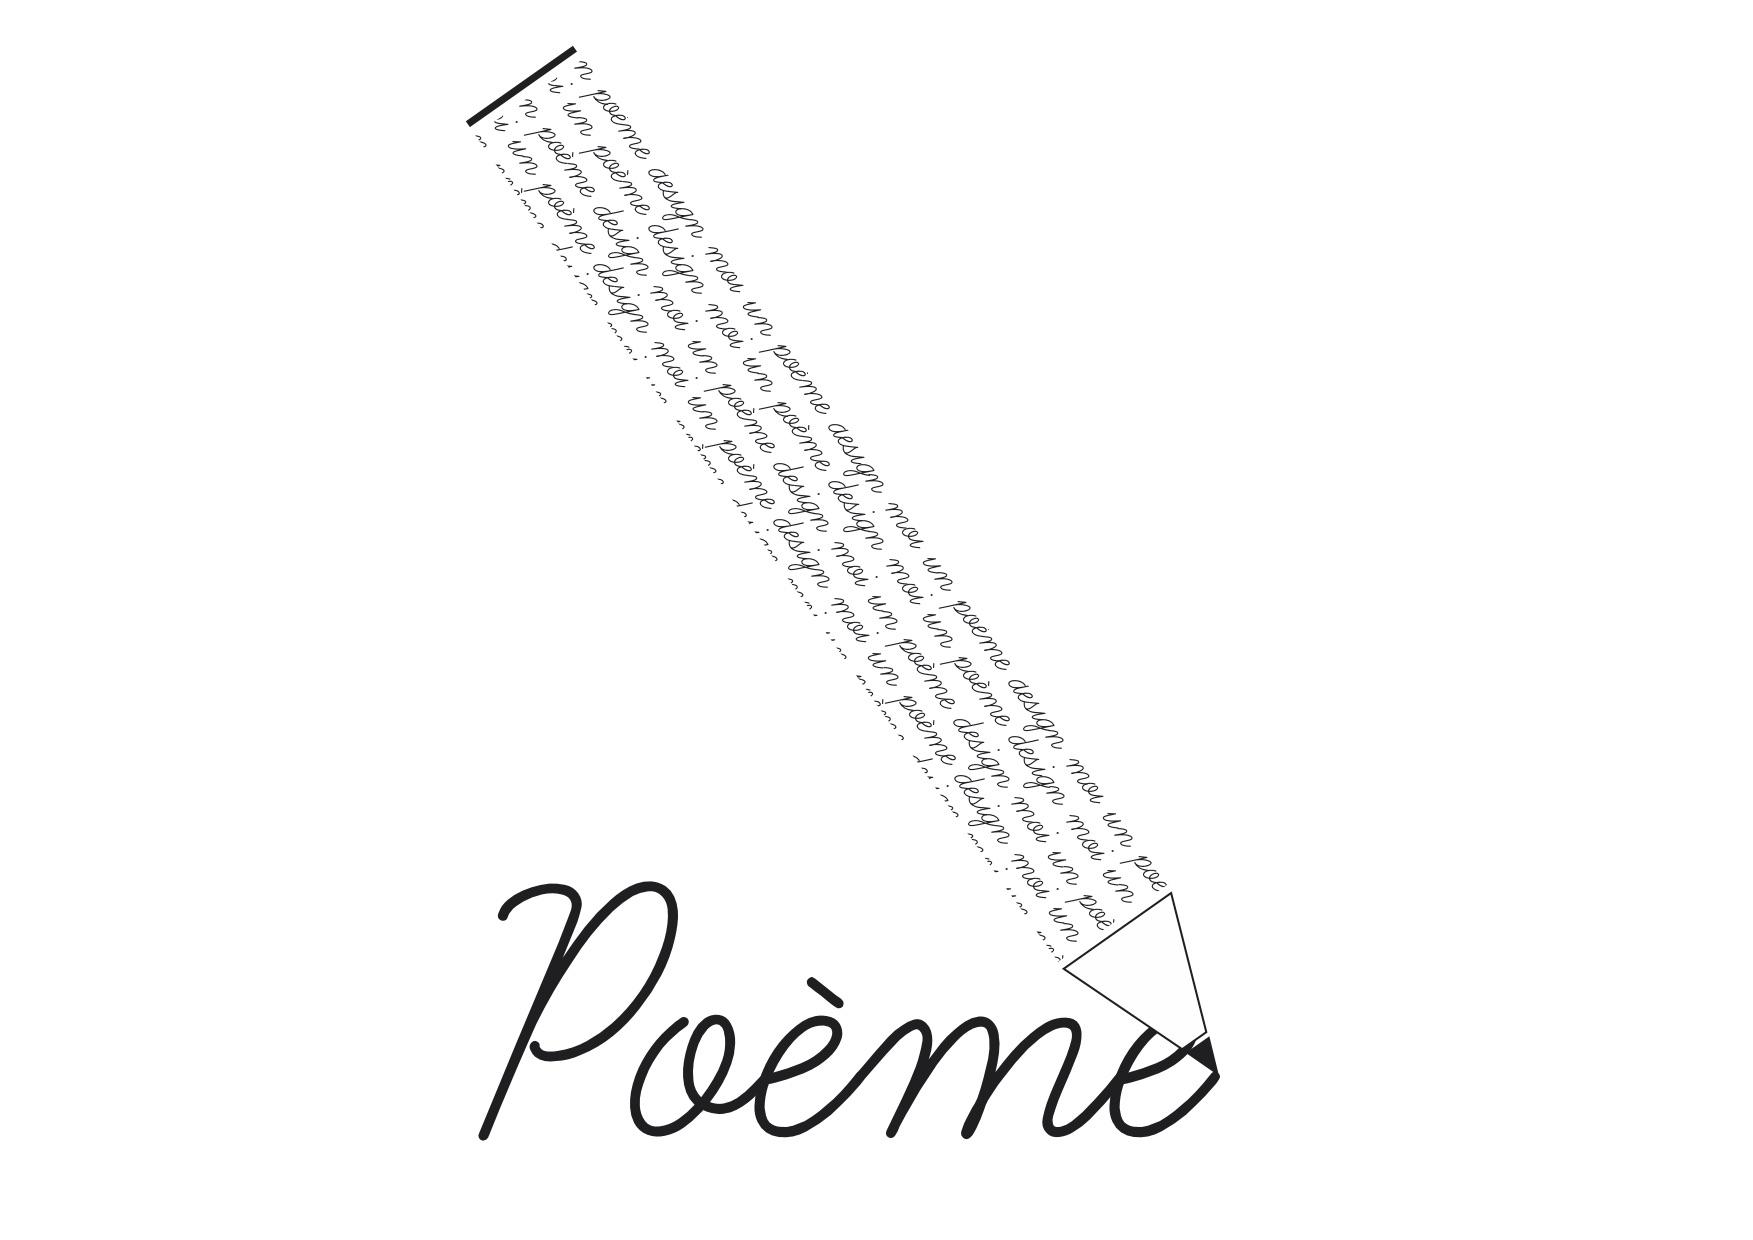 poeme w